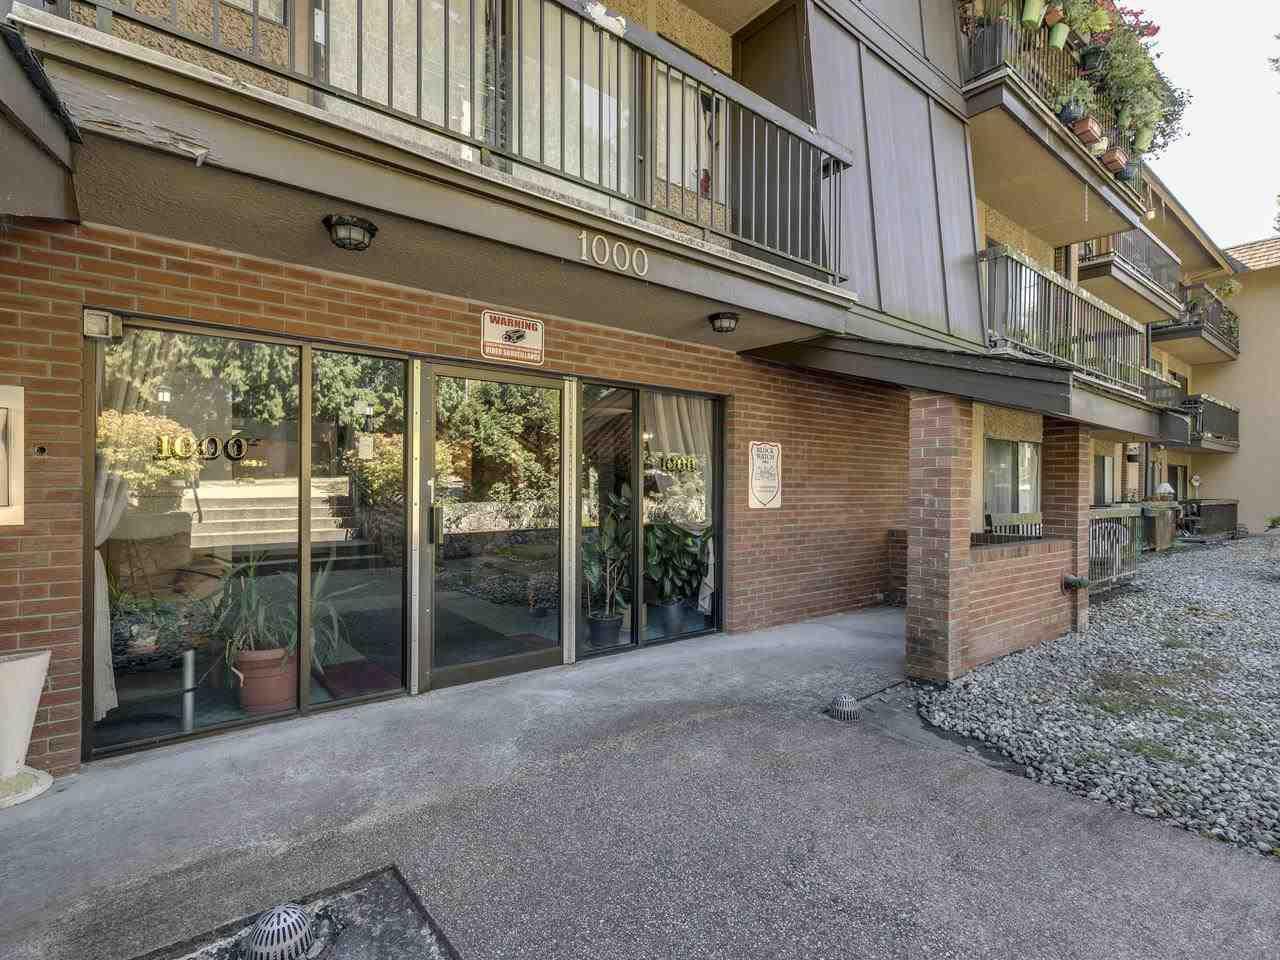 """Main Photo: 212 1000 KING ALBERT Avenue in Coquitlam: Central Coquitlam Condo for sale in """"ARMADA ESTATES"""" : MLS®# R2497421"""